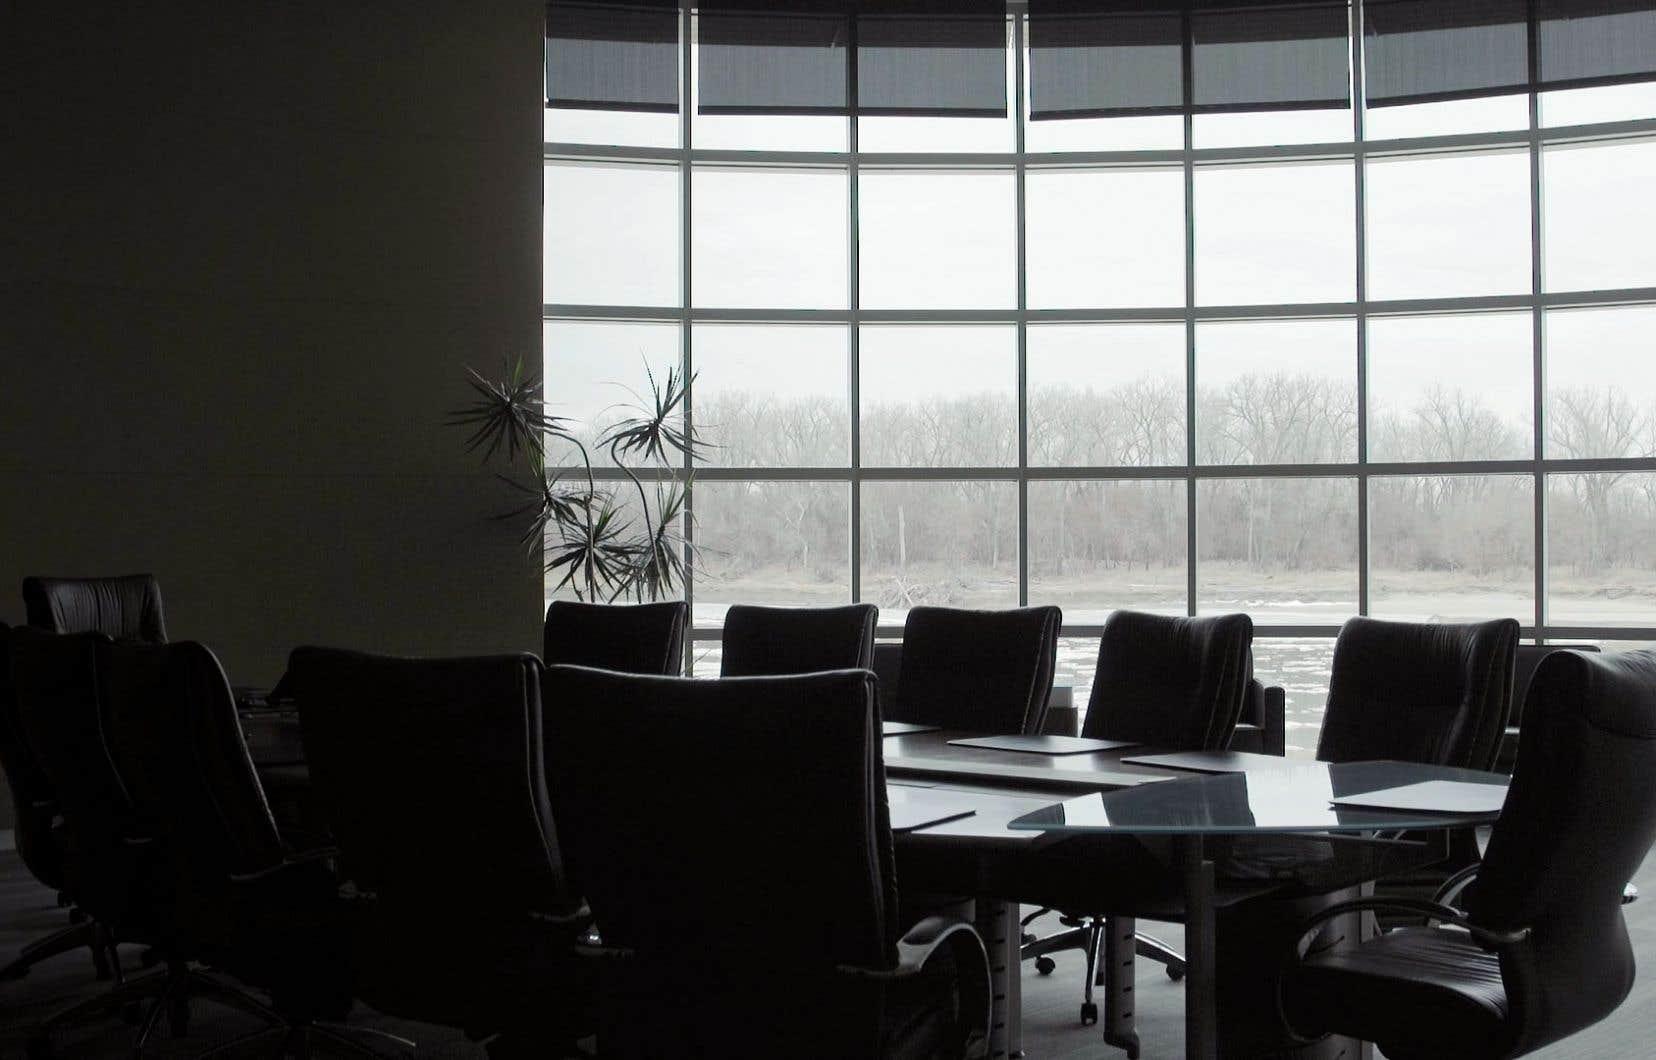 «Gallup Board Room Still». Un court film donne la parole à des responsables de la maison Gallup sur le sentiment des individus interrogés la veille d'un sondage.